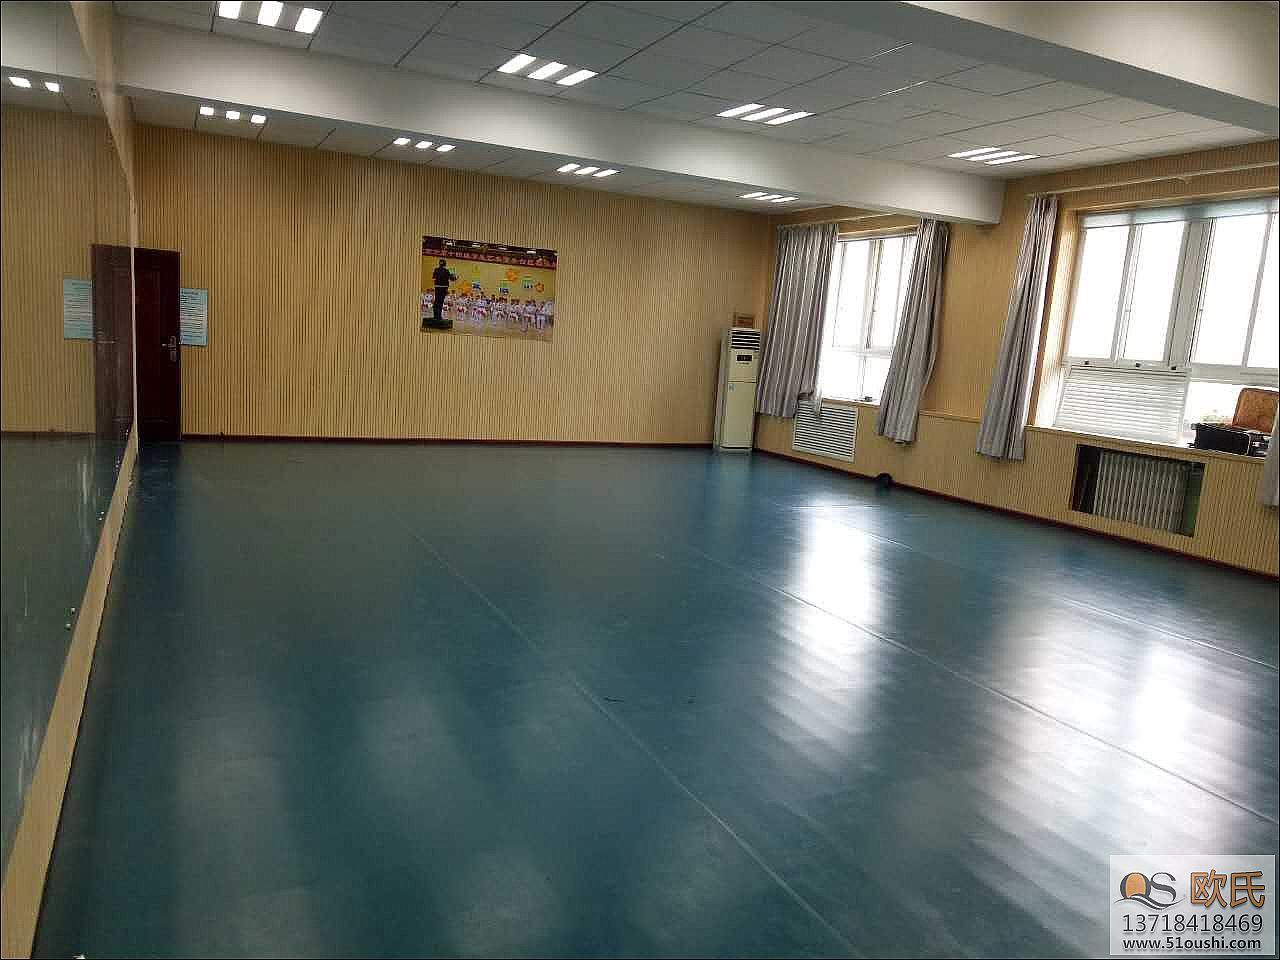 北京舞蹈室地胶案例--丰台区草桥小学小学寒假作文200字图片